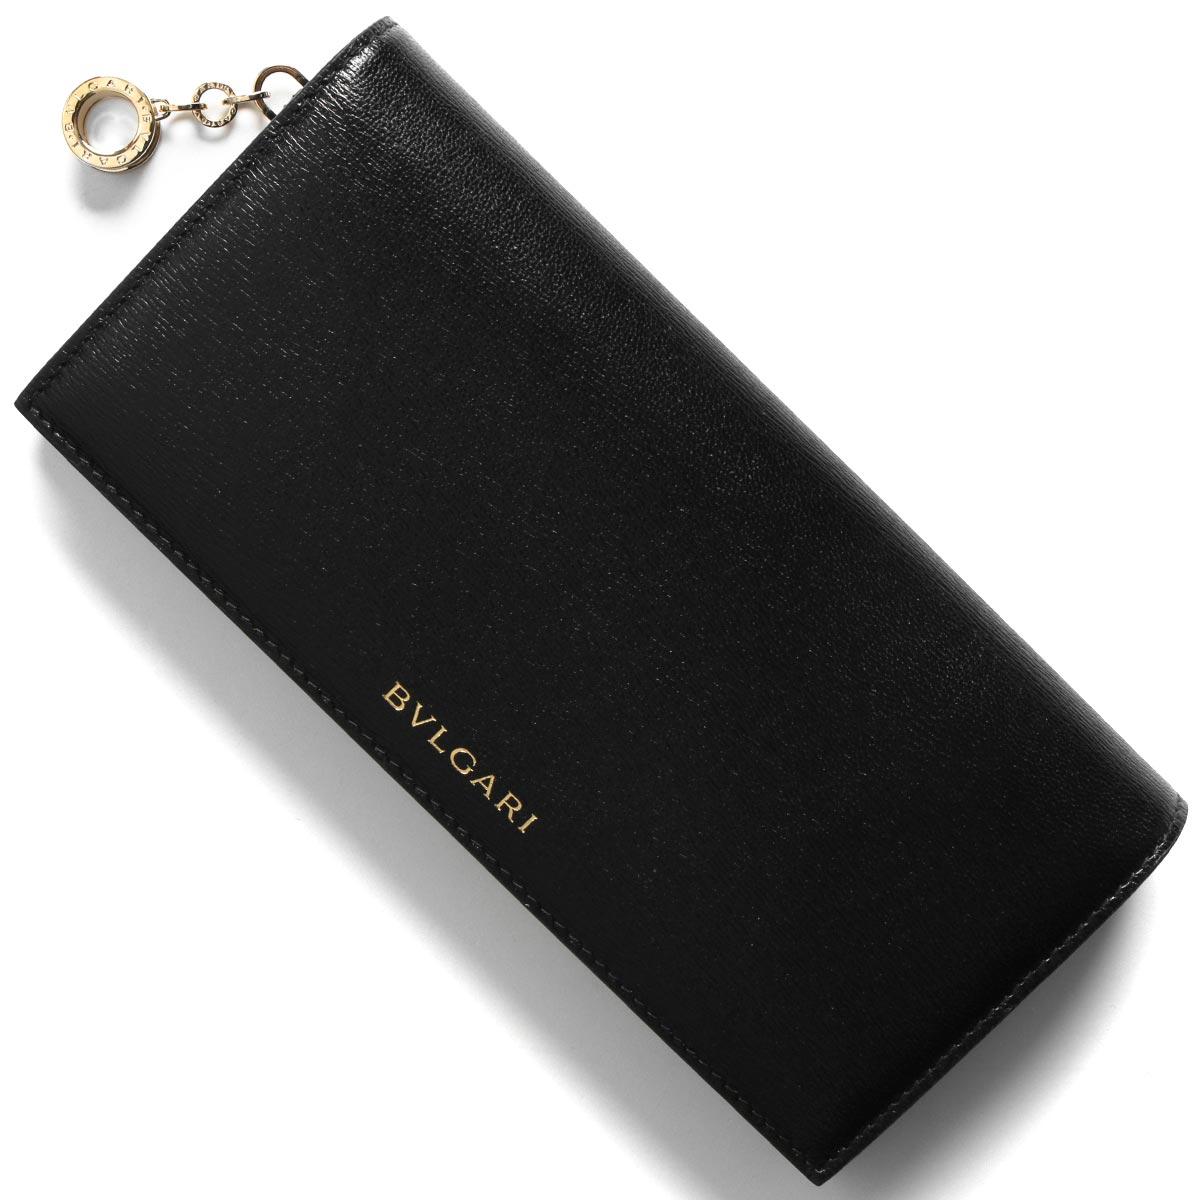 ブルガリ 長財布 財布 メンズ レディース ビー ゼロワン ブラック 288229 2020年春夏新作 BVLGARI